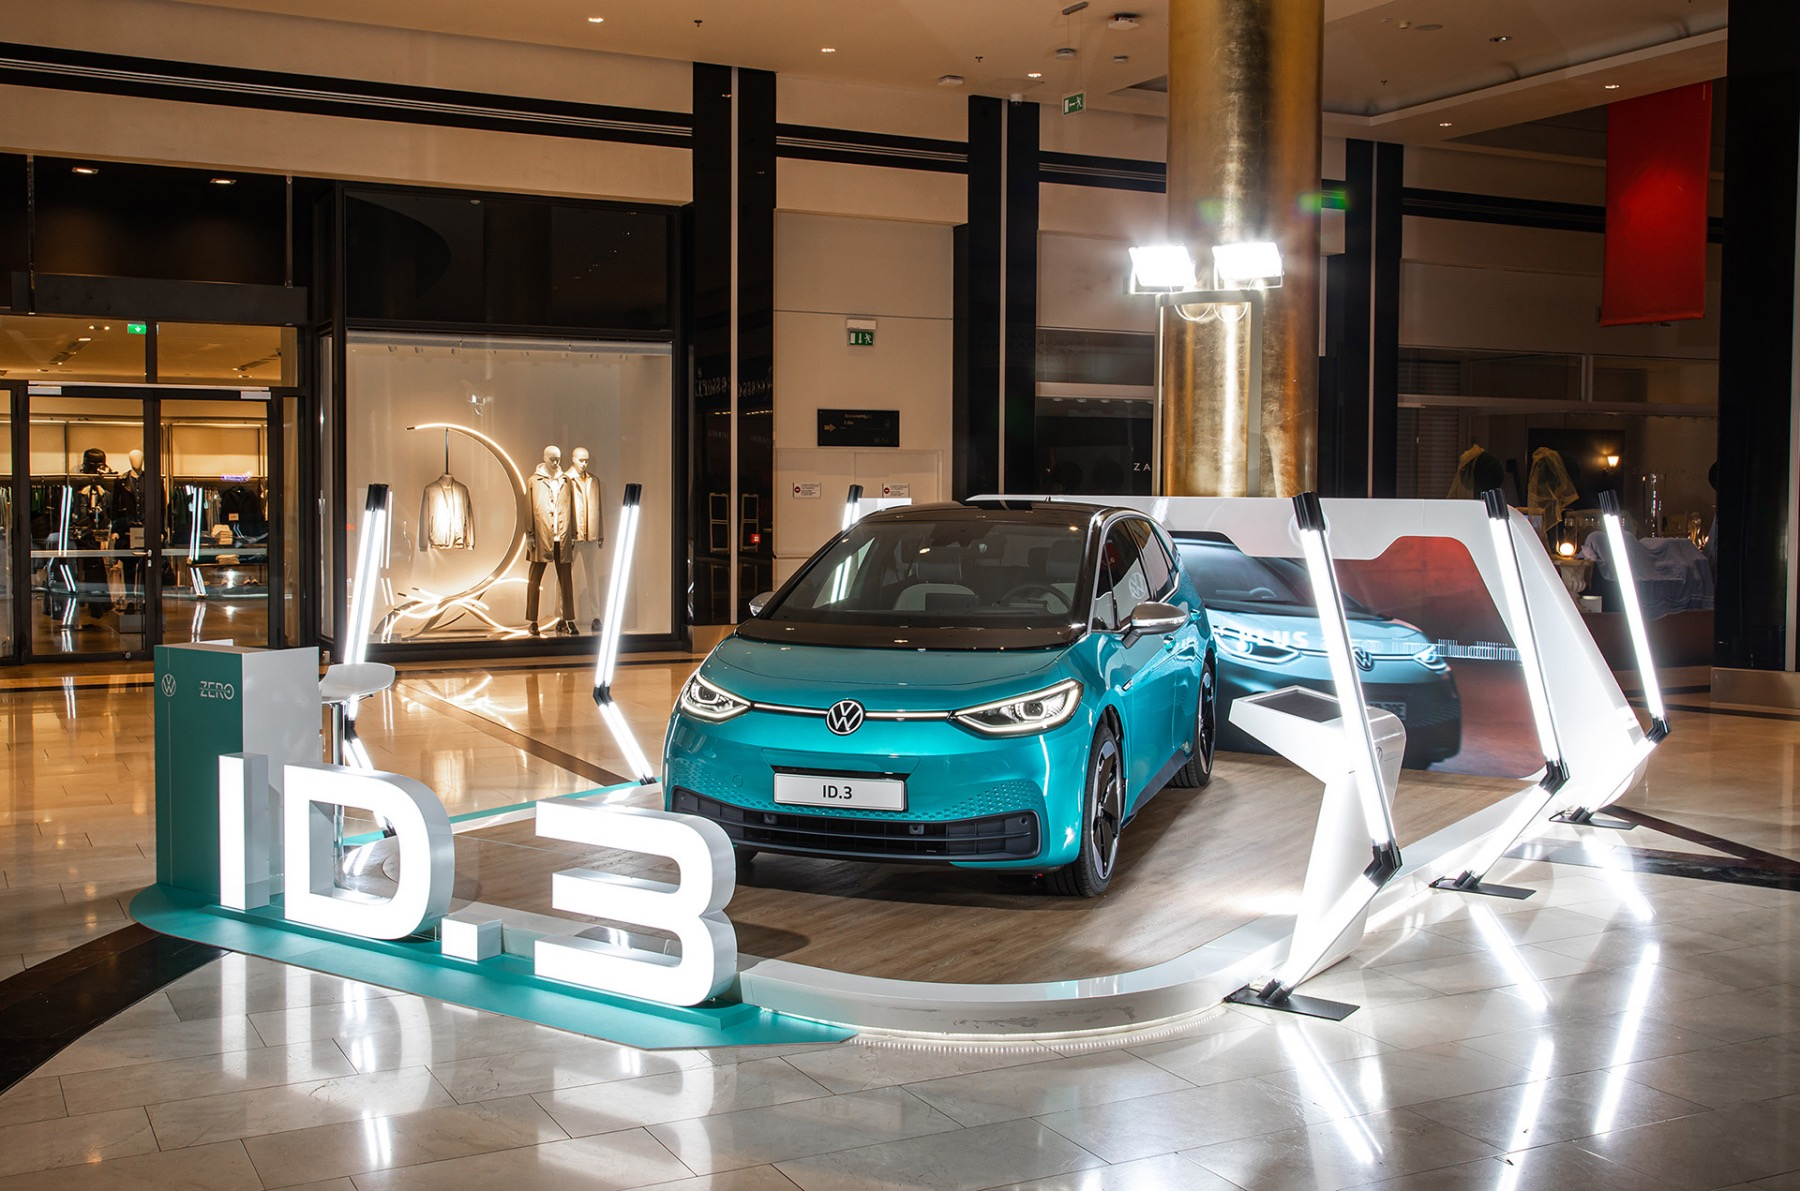 Το Volkswagen ID.3 συναντά το Tesla Model 3 στο εμπορικό κέντρο Golden Hall στο Μαρούσι